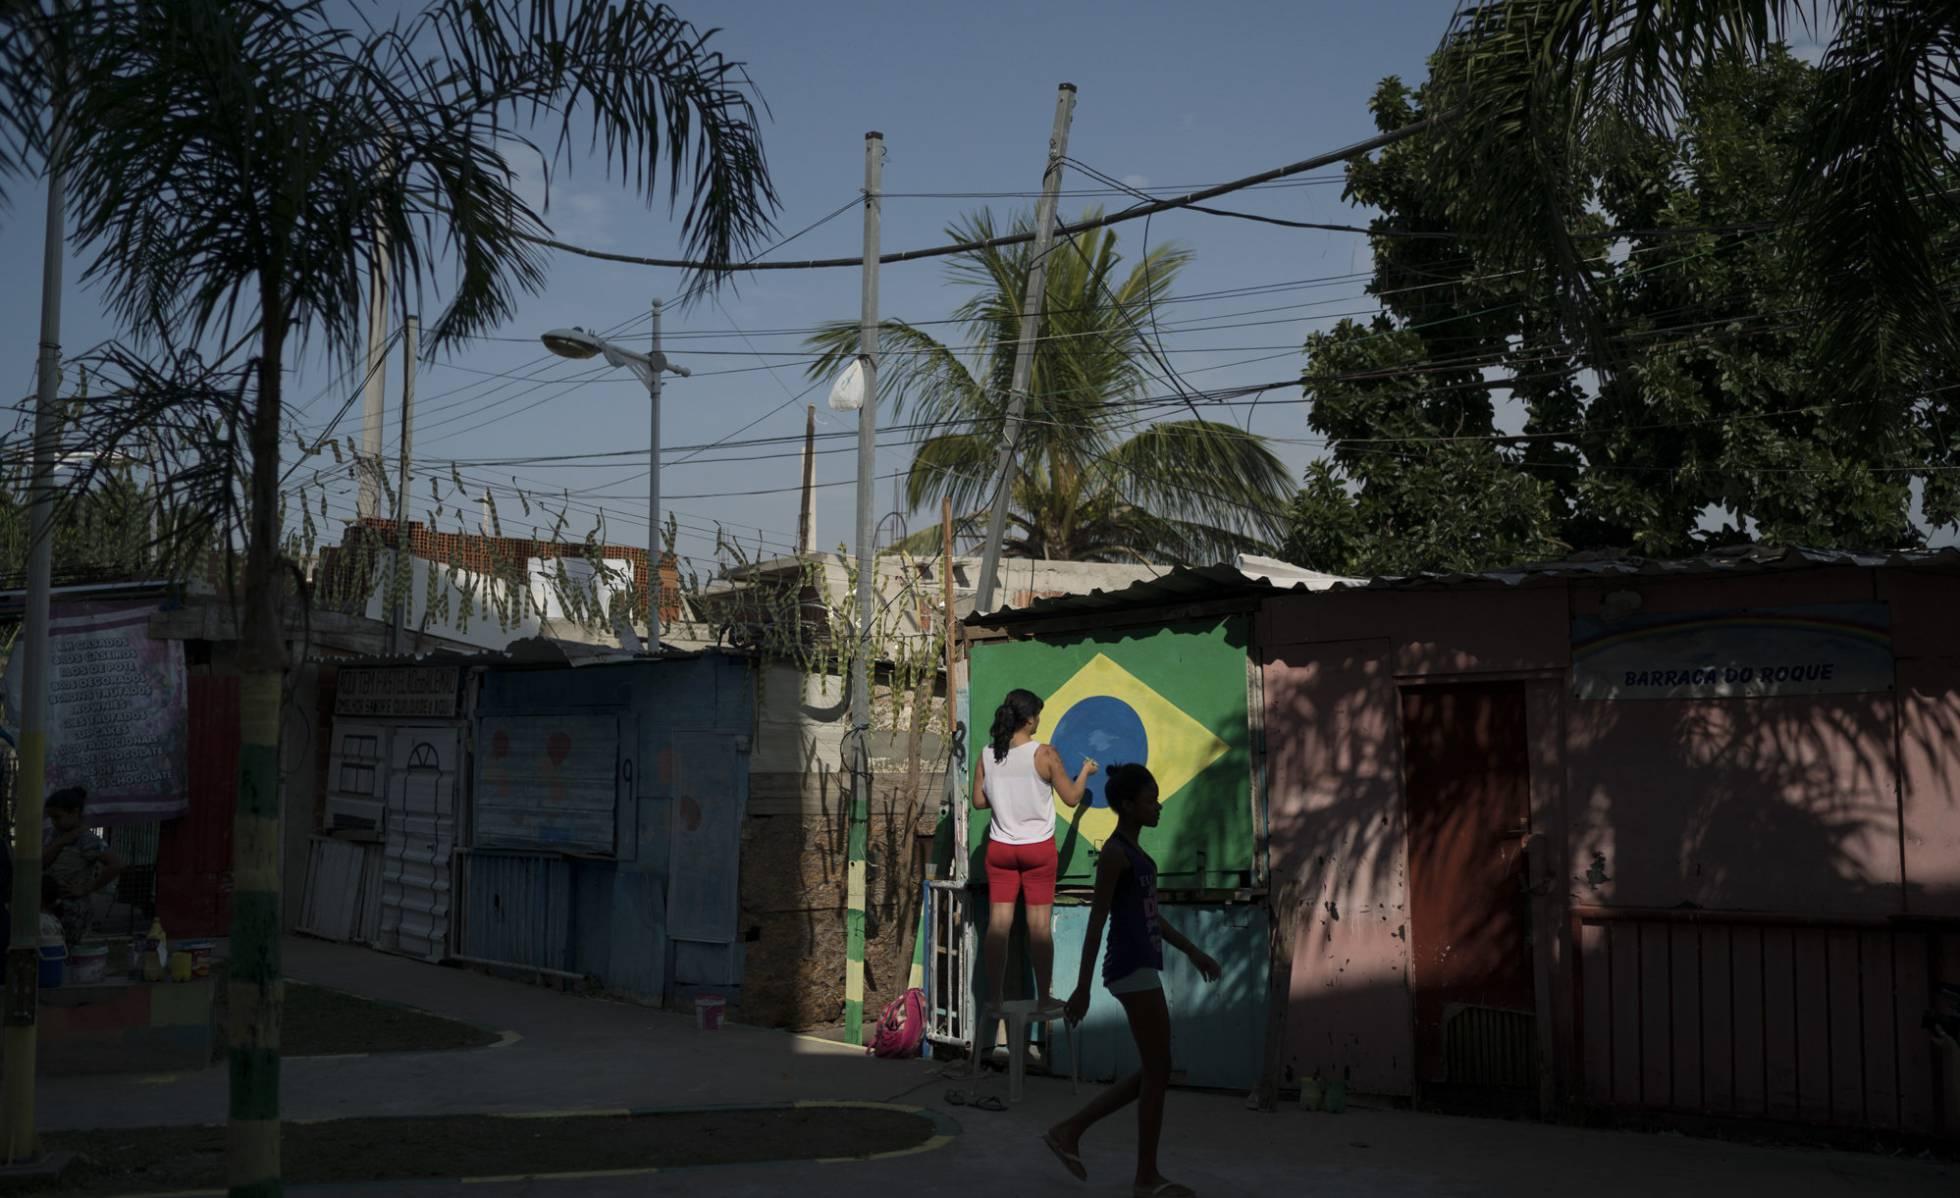 Desigualdade Social: Mais pobres podem levar até 9 gerações para atingir renda média no Brasil